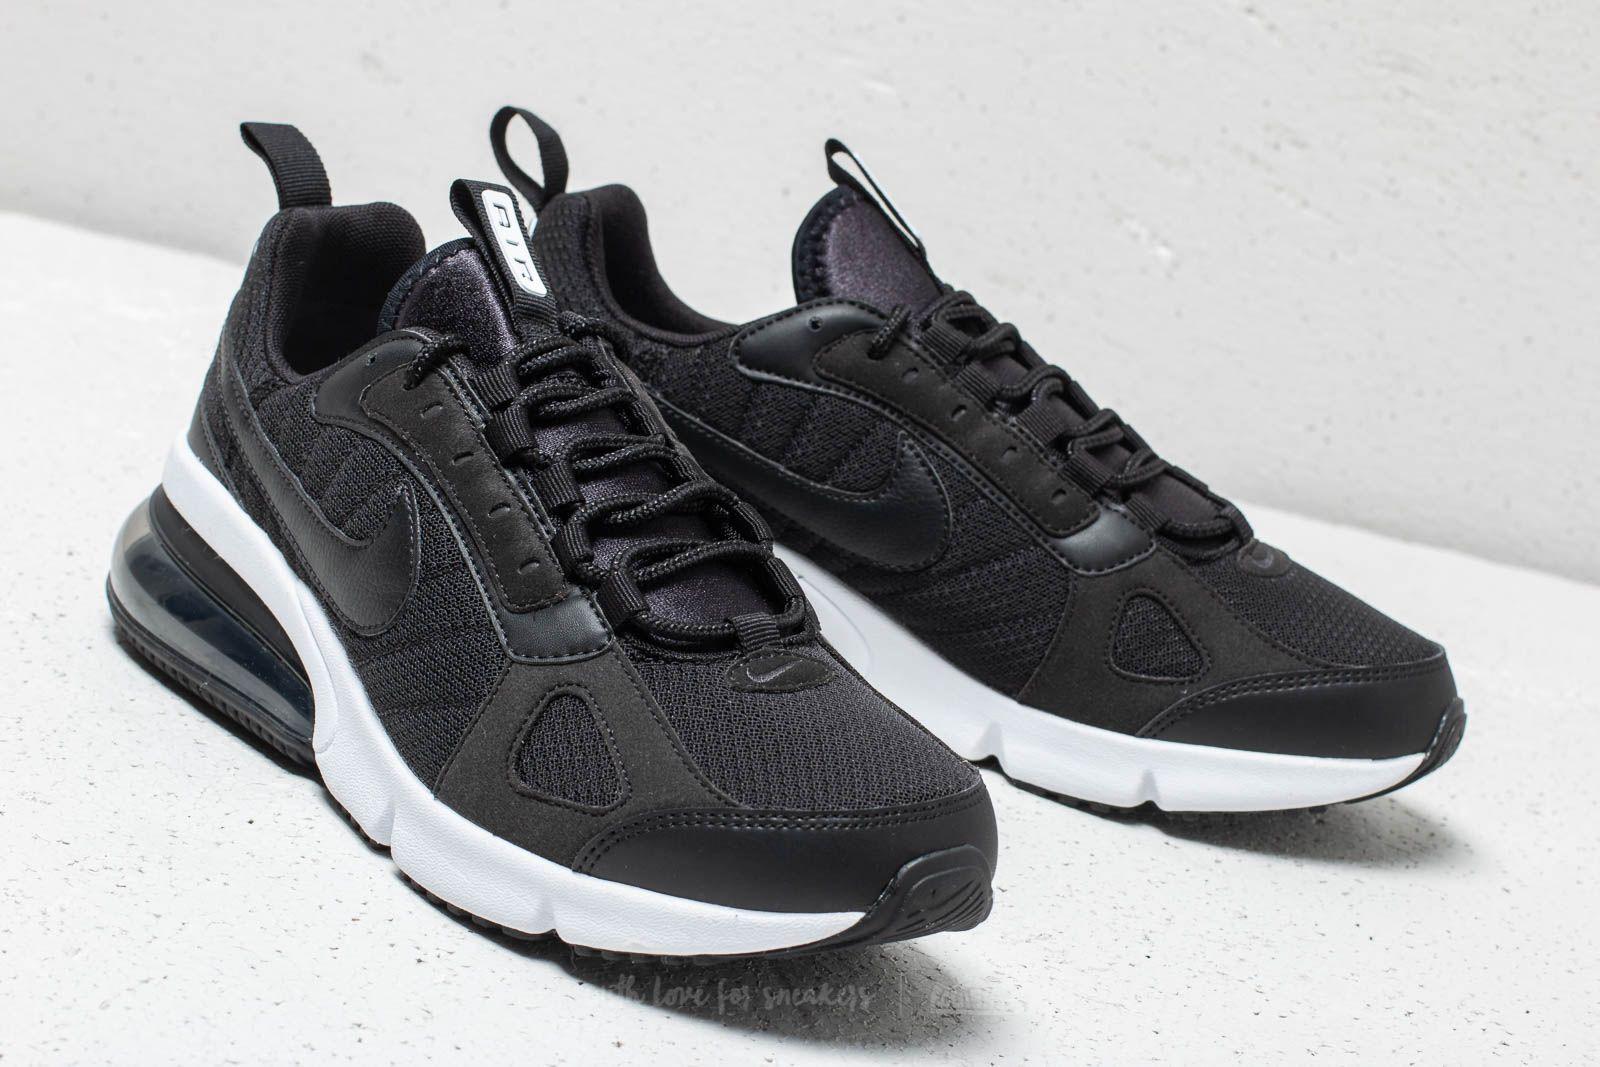 Nike Air Max 270 Futura Black Black White | Footshop